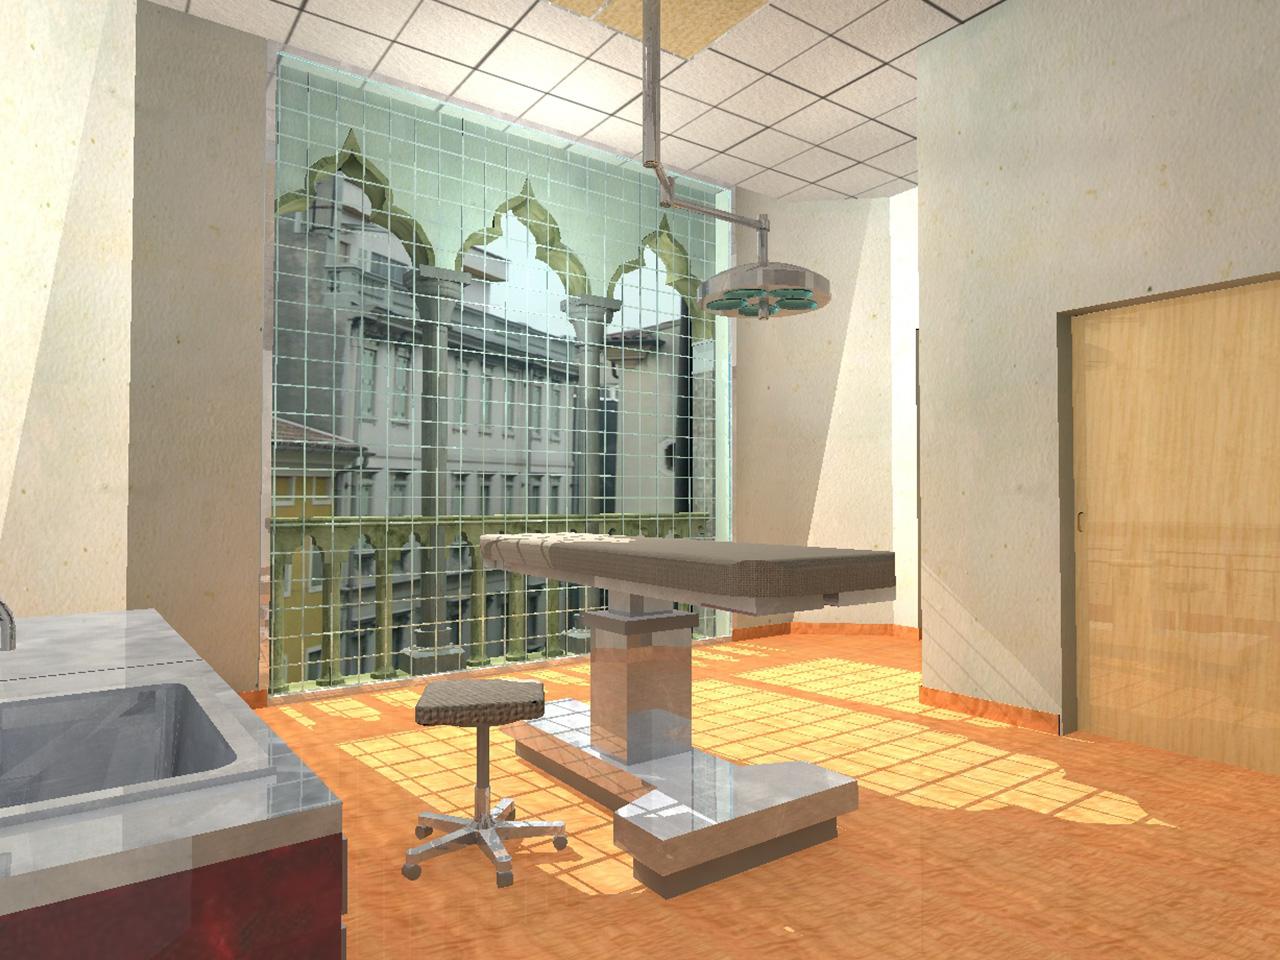 Realizzazione presidi sanitari - Pallaoro Medical Laser Padova 03